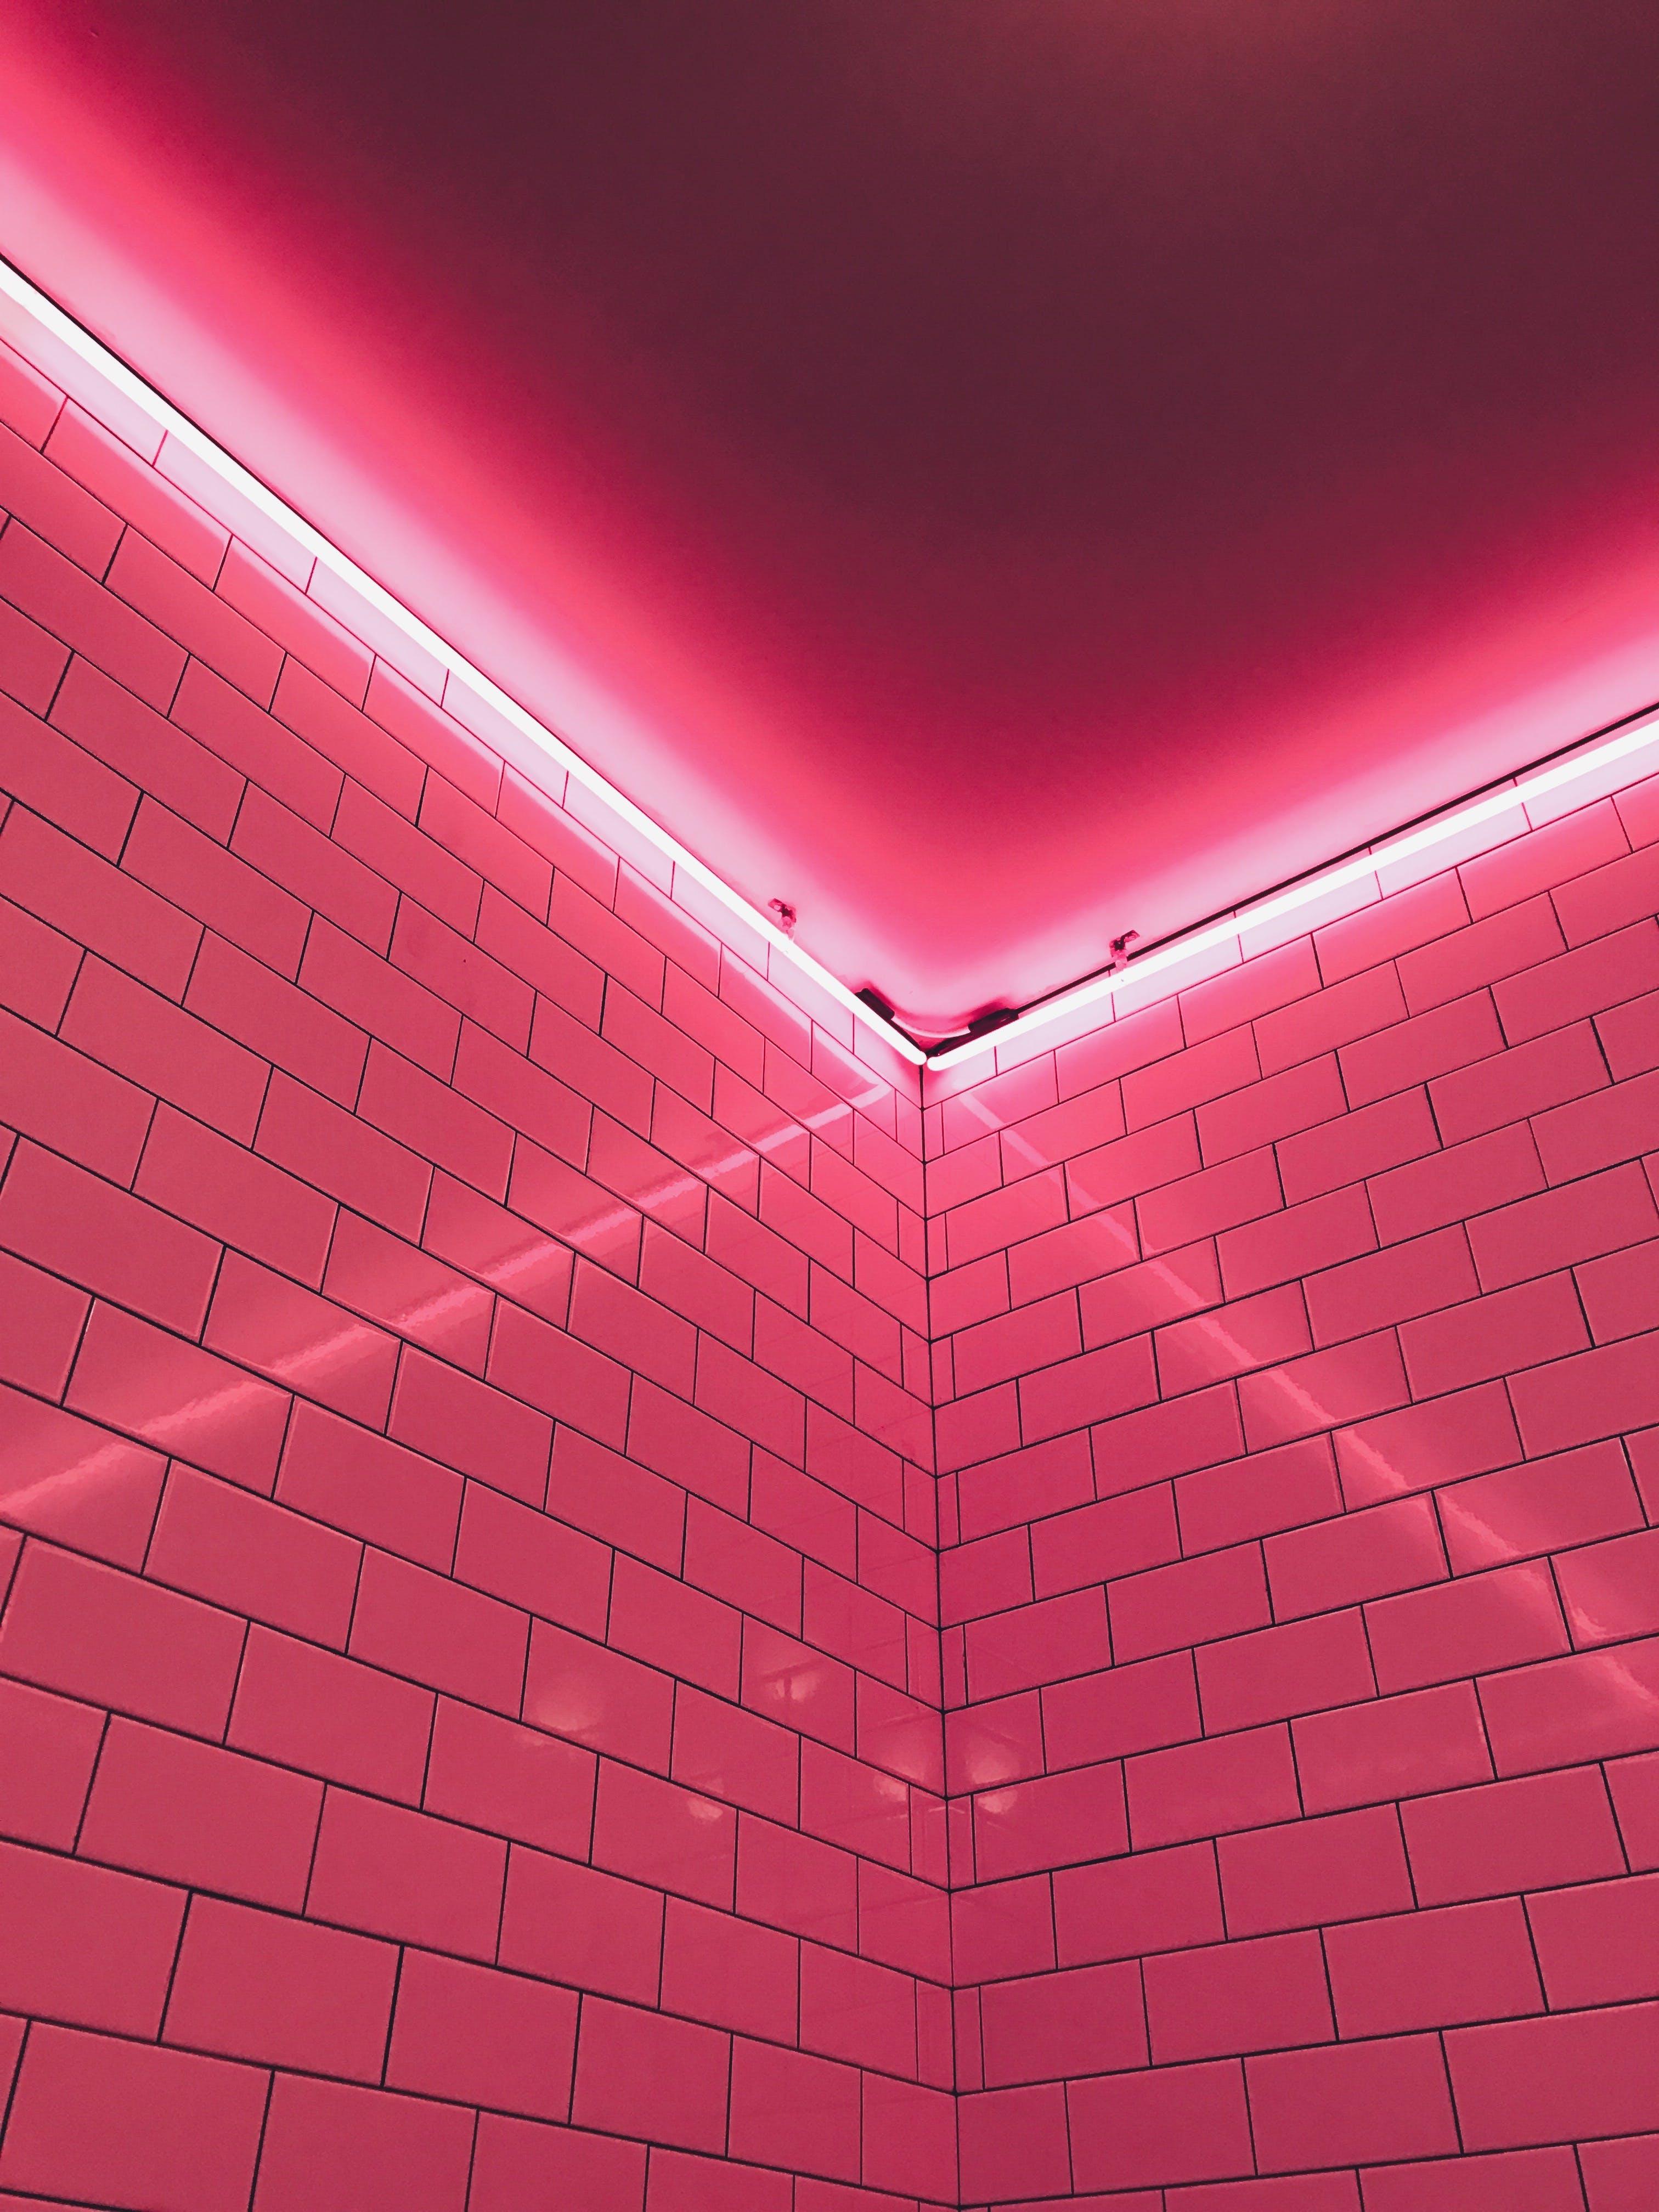 Foto profissional grátis de azulejos, estrutura, luzes, muro